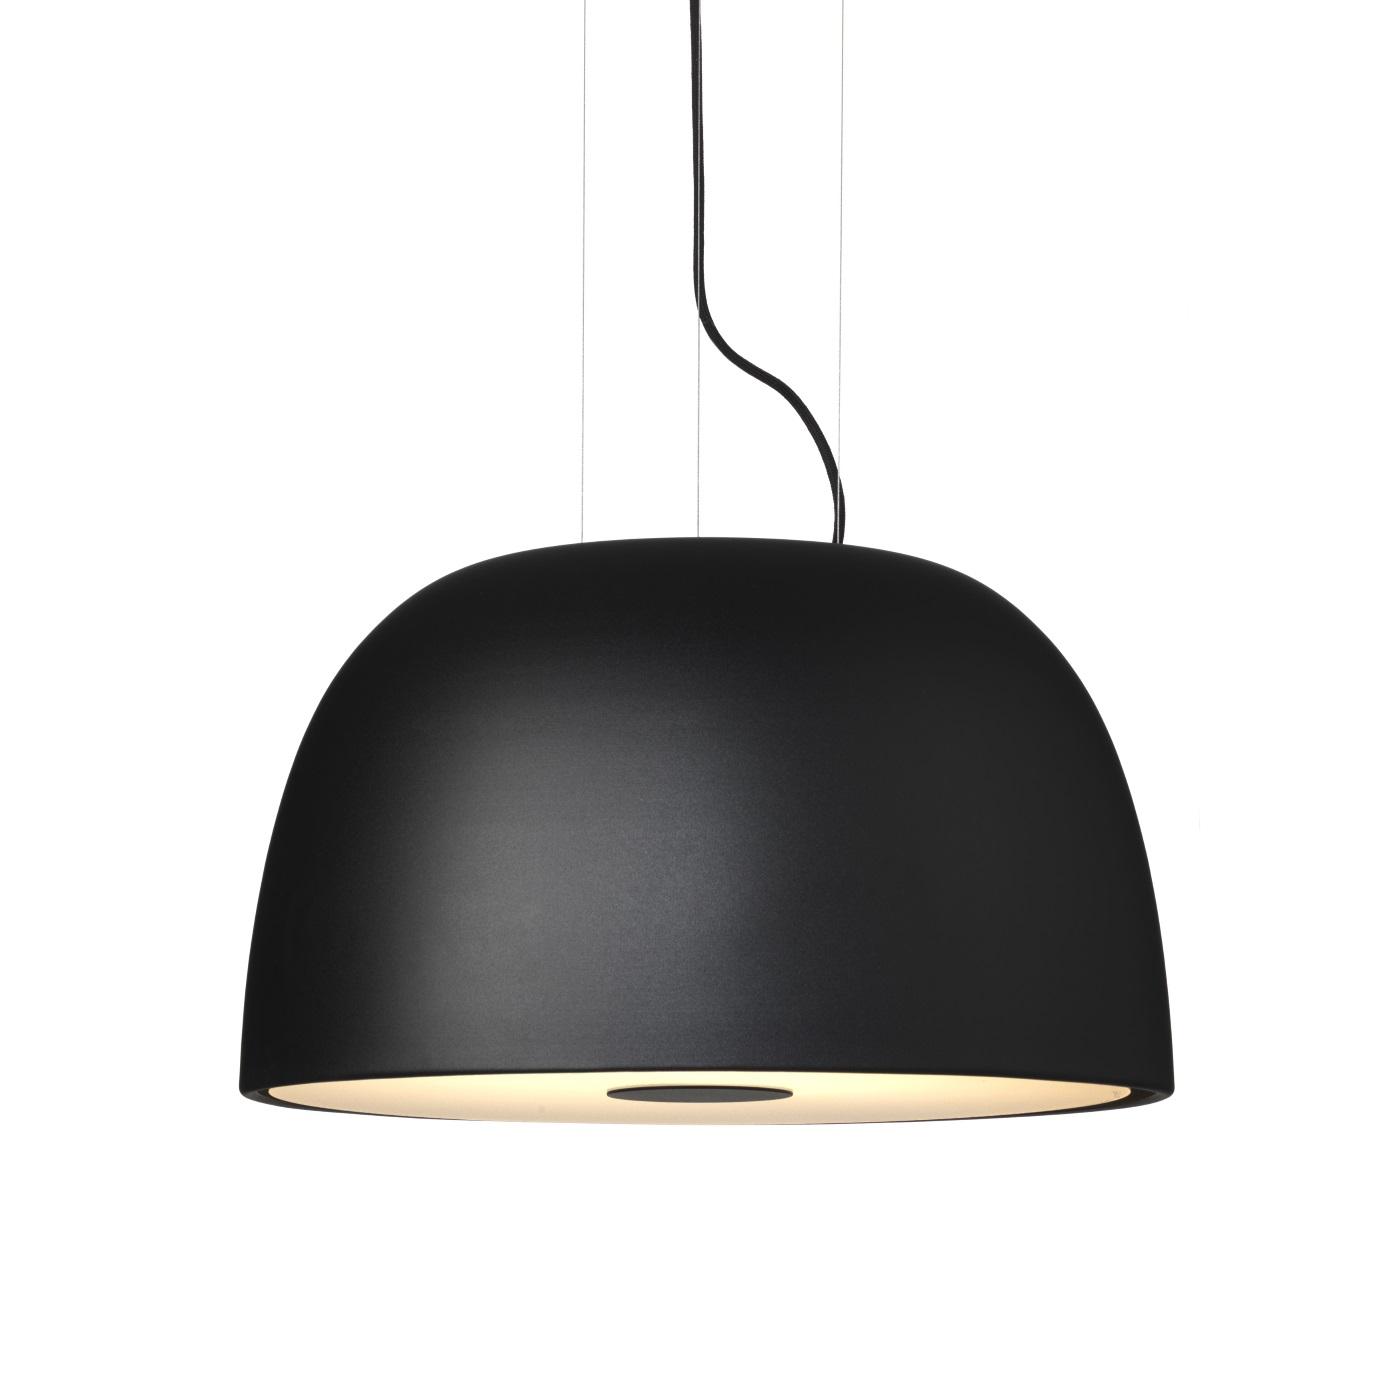 Taklampa BELL svart strukturlack, Örsjö belysning